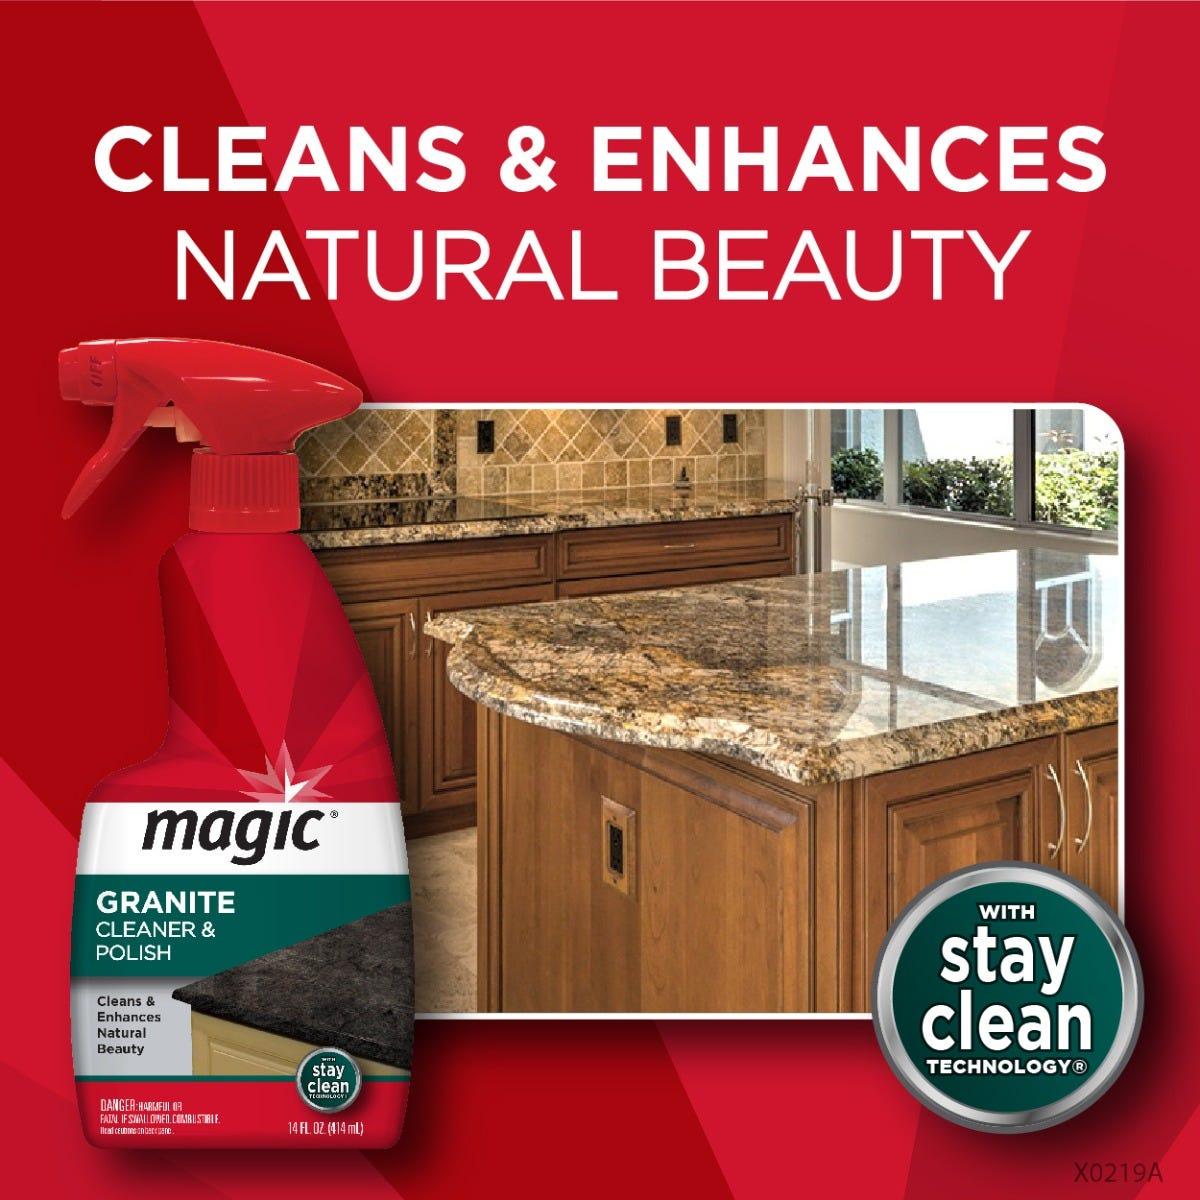 Magic Granite Cleaner & Polish